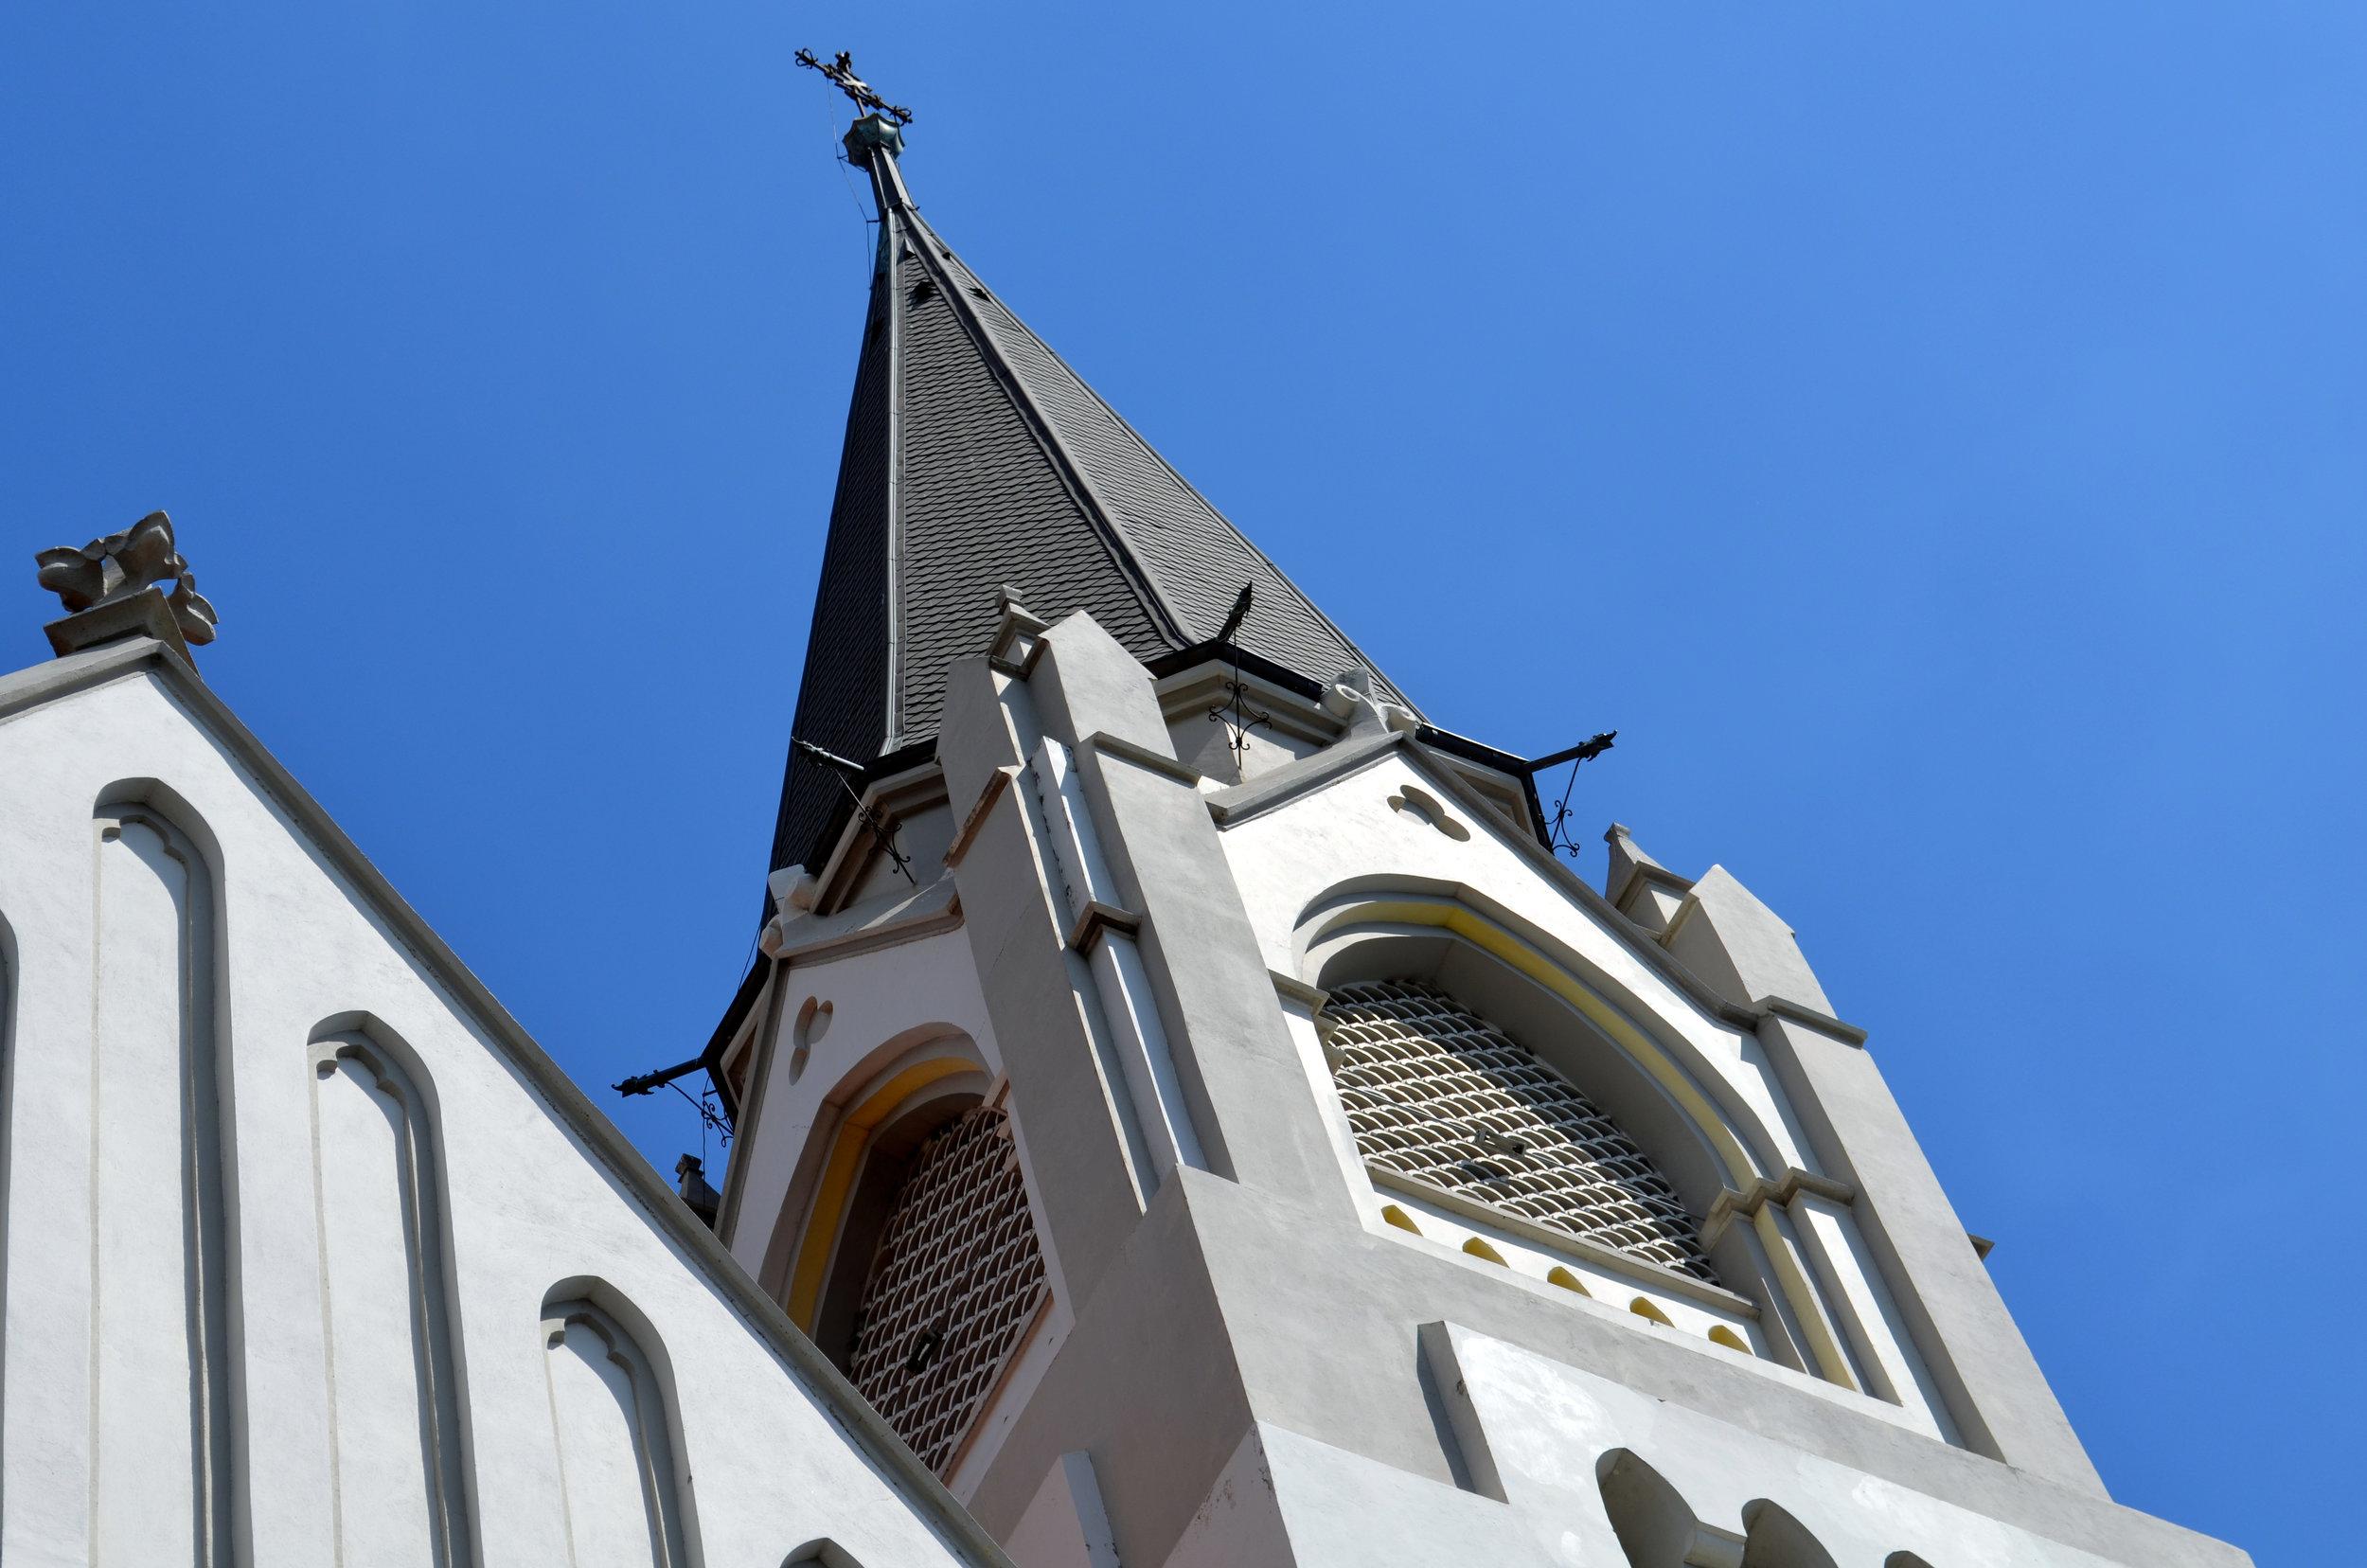 Copy of St. Joseph's steeple (AF035)